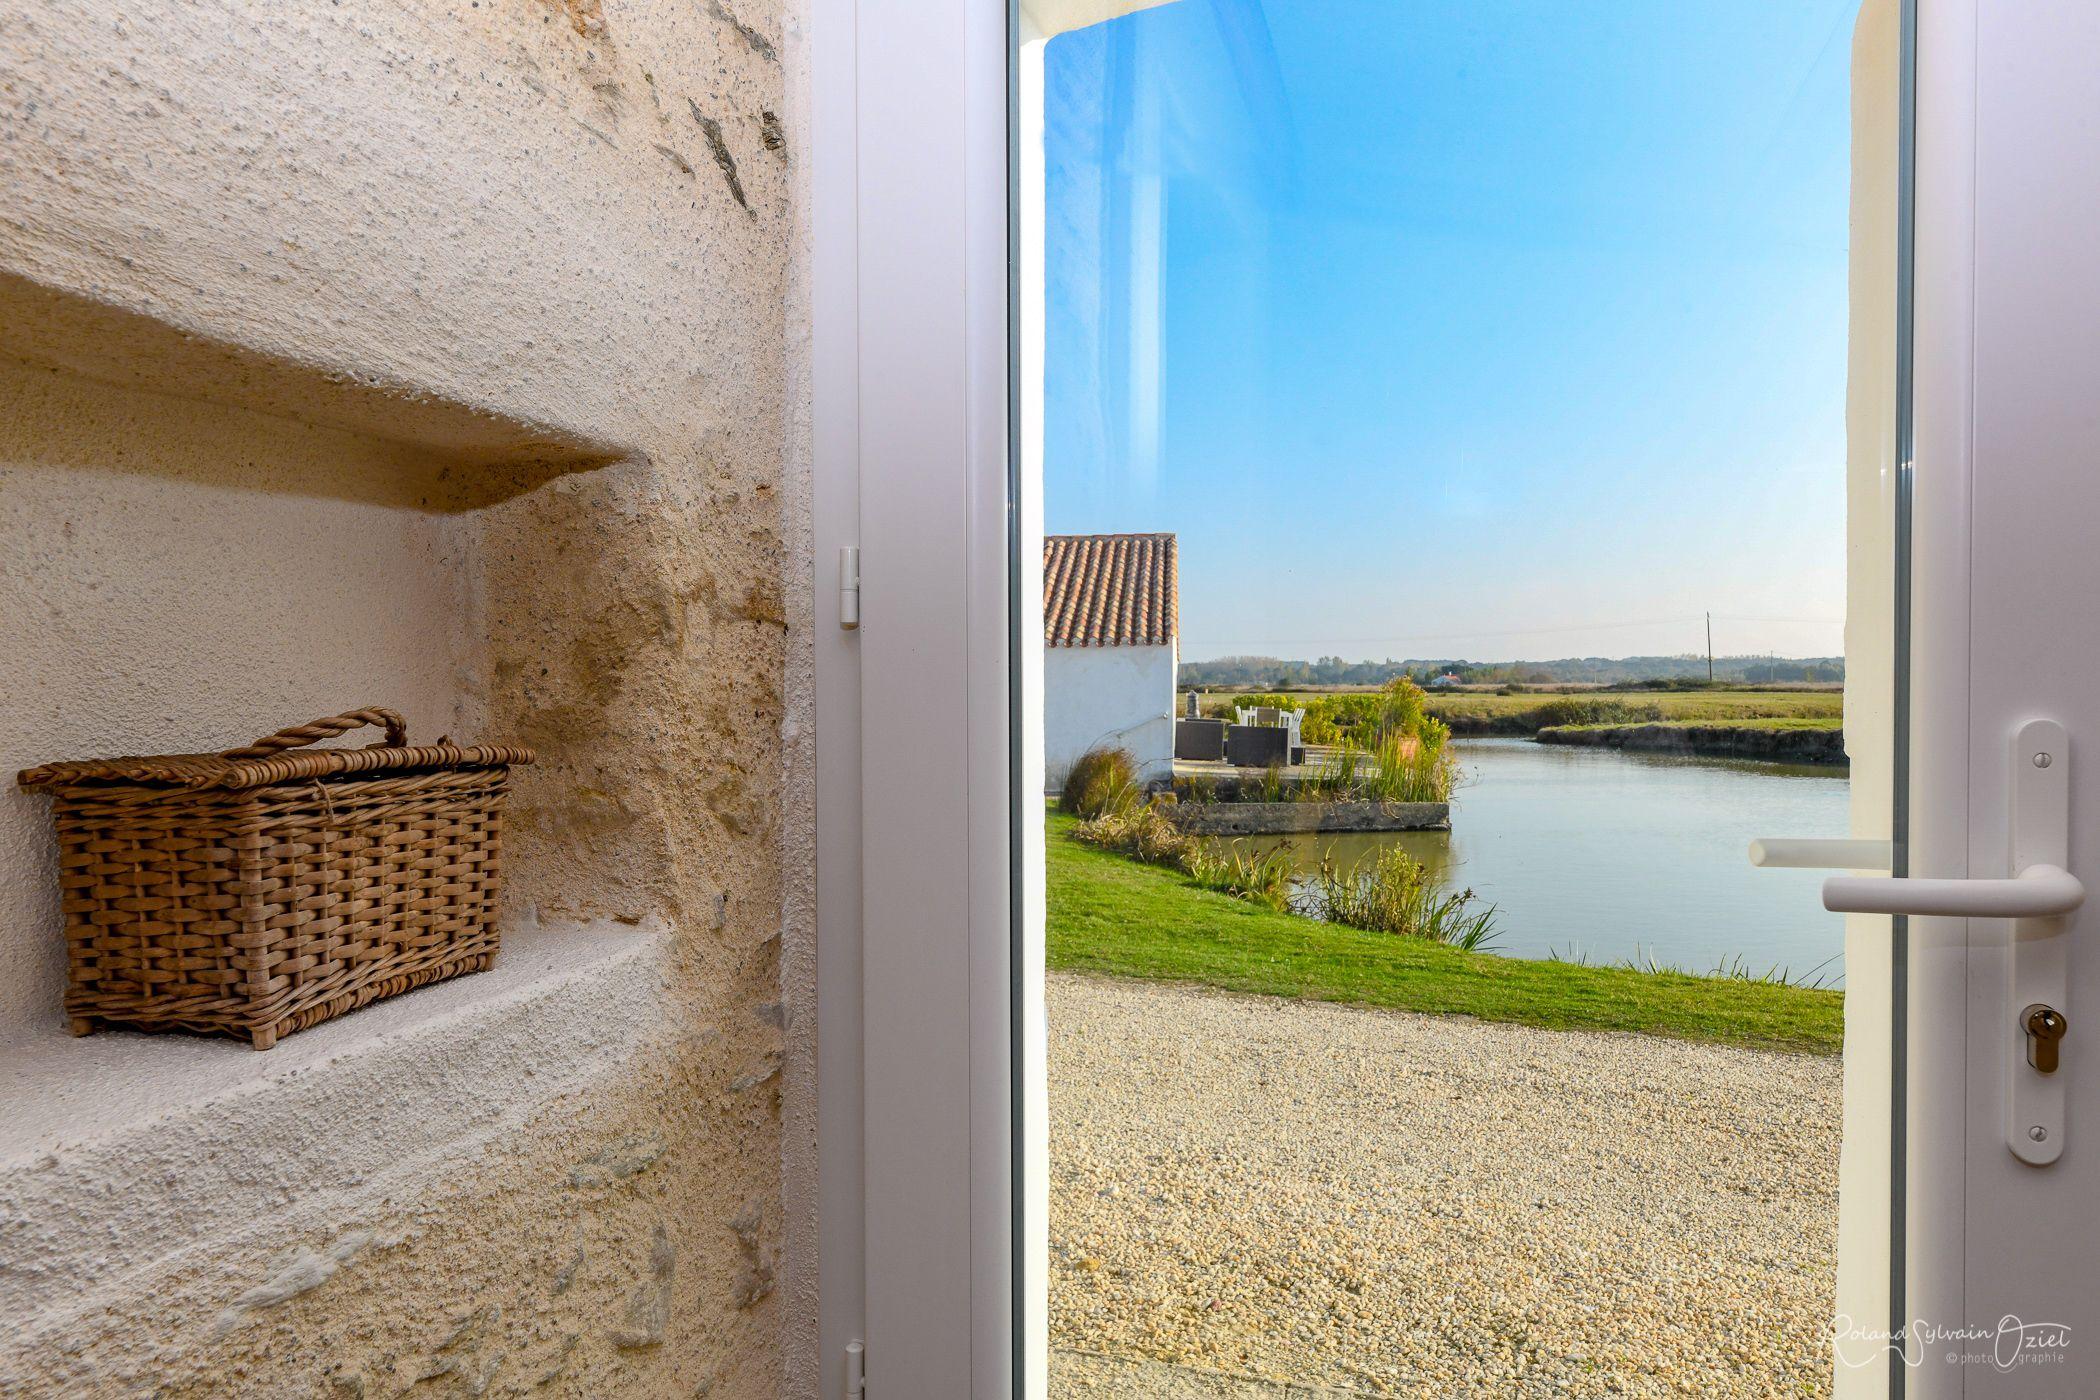 Vue de la porte d'entrée de La Bourrine : magnifique.